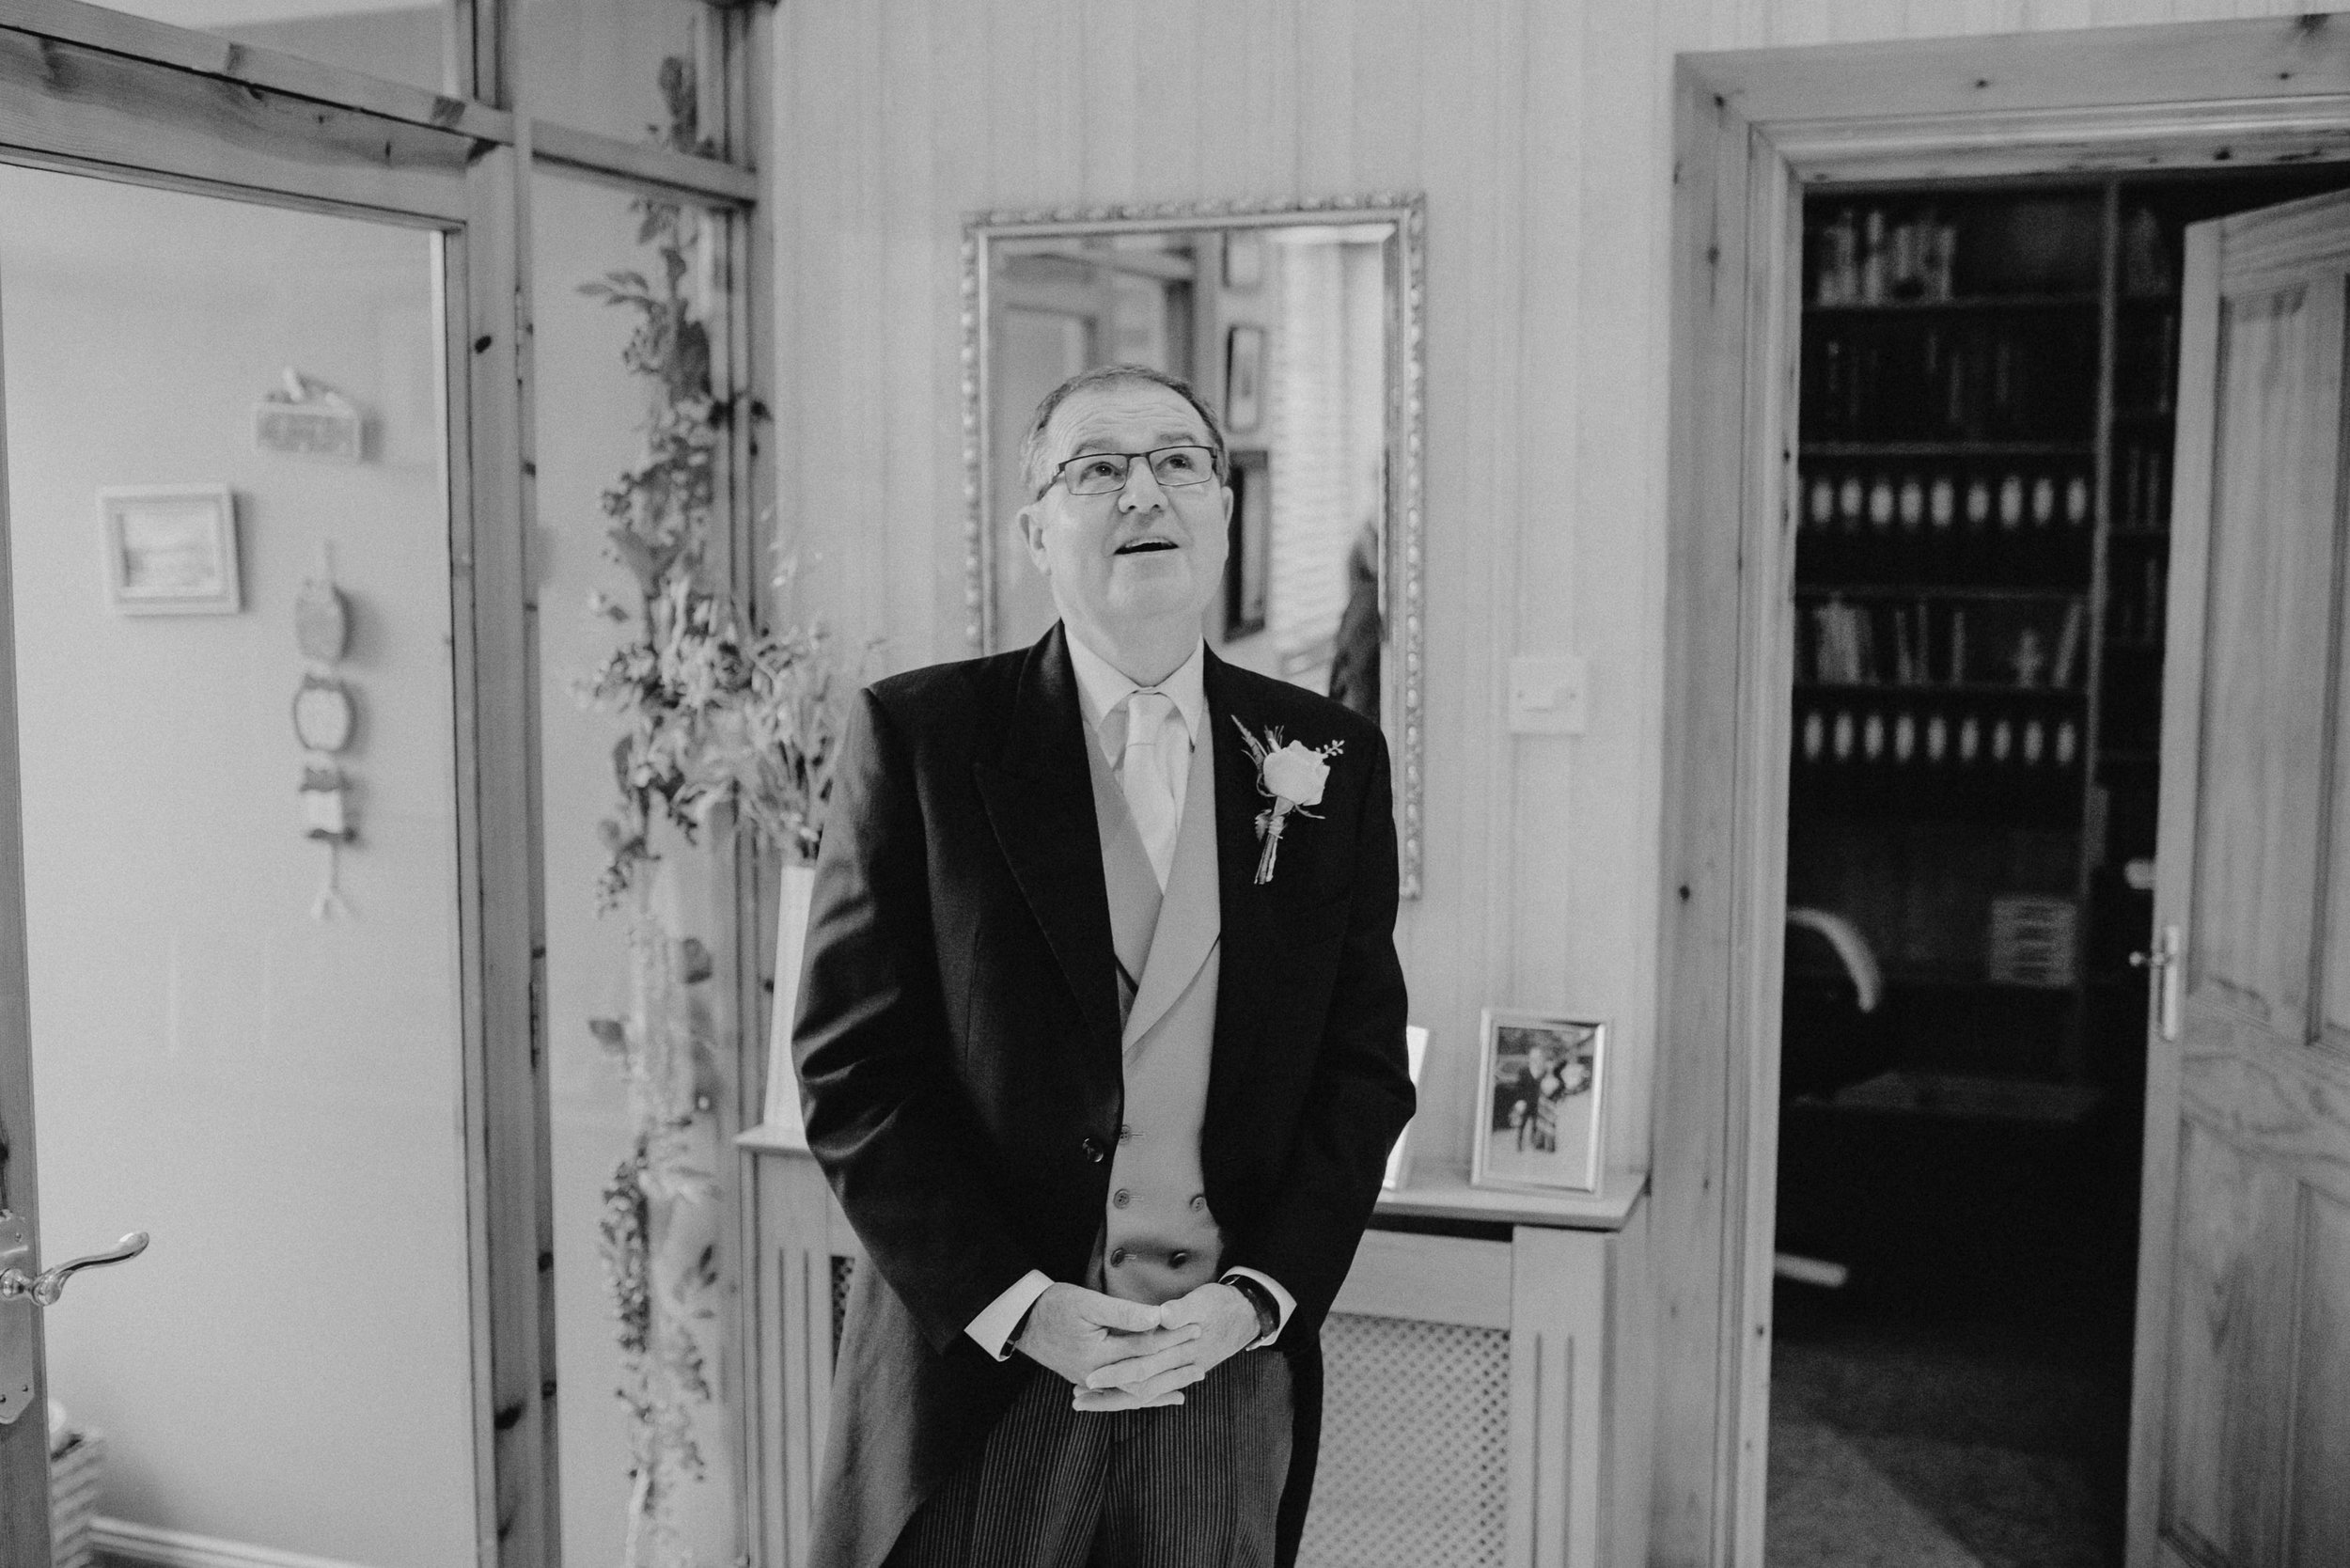 larchfield estate wedding photos-26.jpg